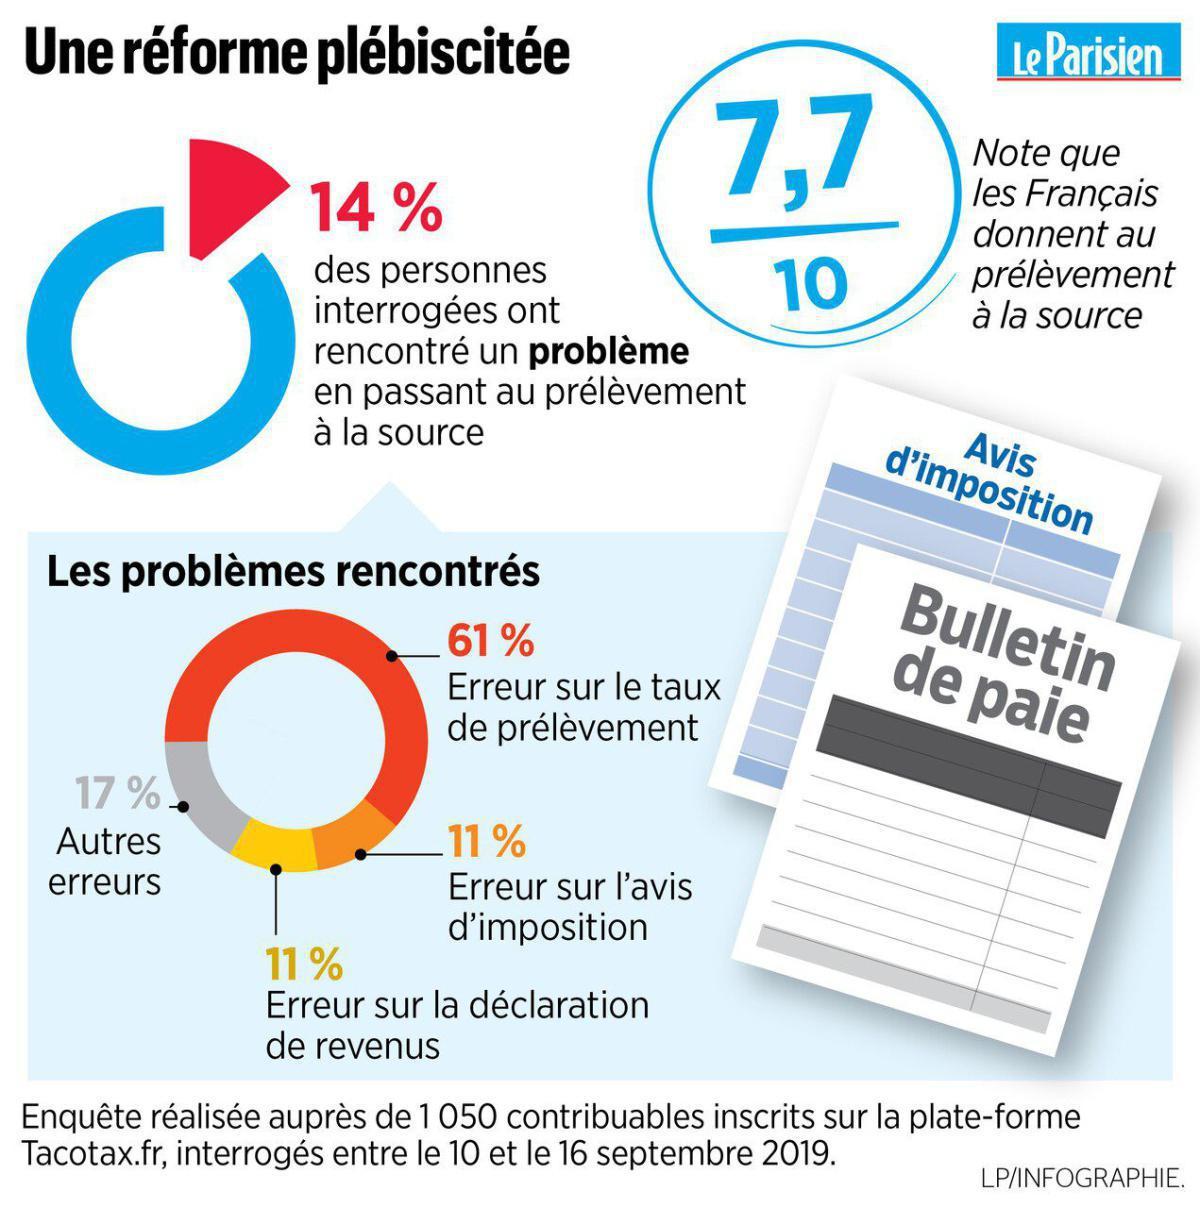 Prélèvement à la source : les Français attribuent une bonne note à la réforme